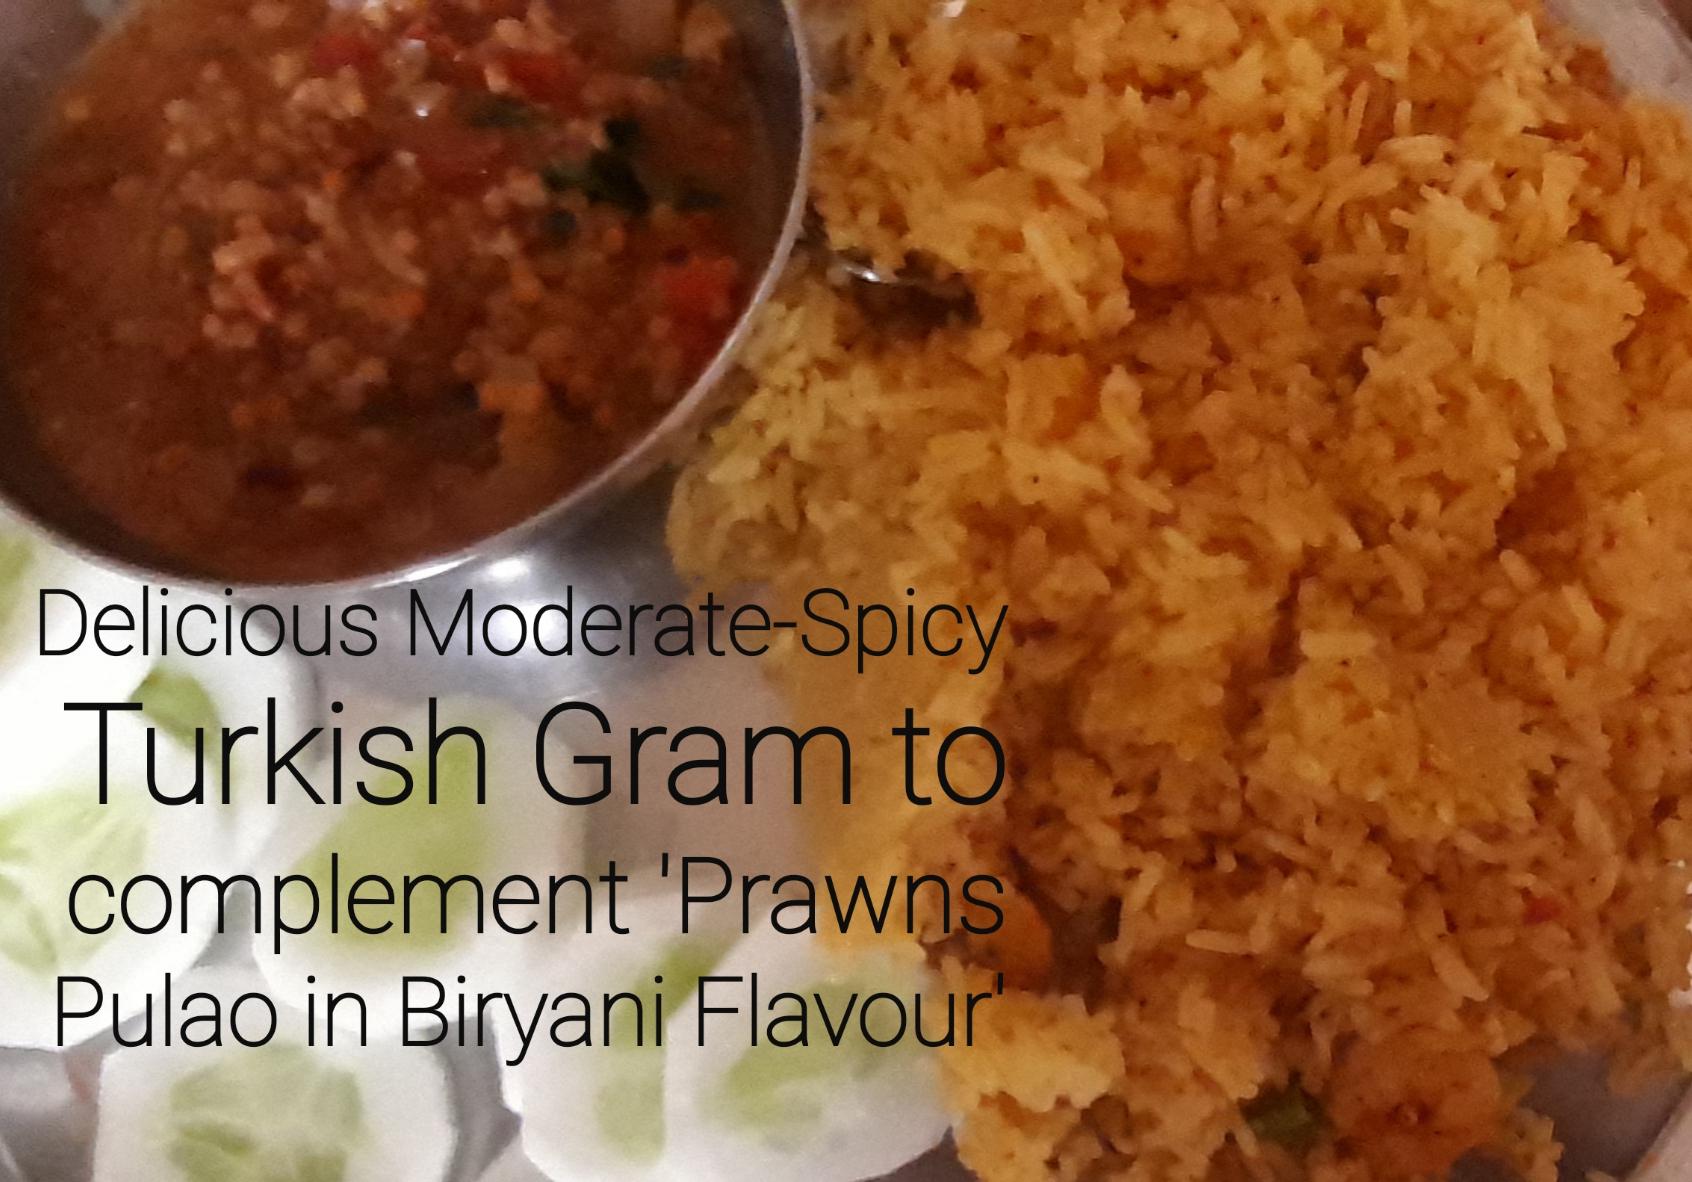 Delicious Moderate-Spicy Turkish Gram Gravy